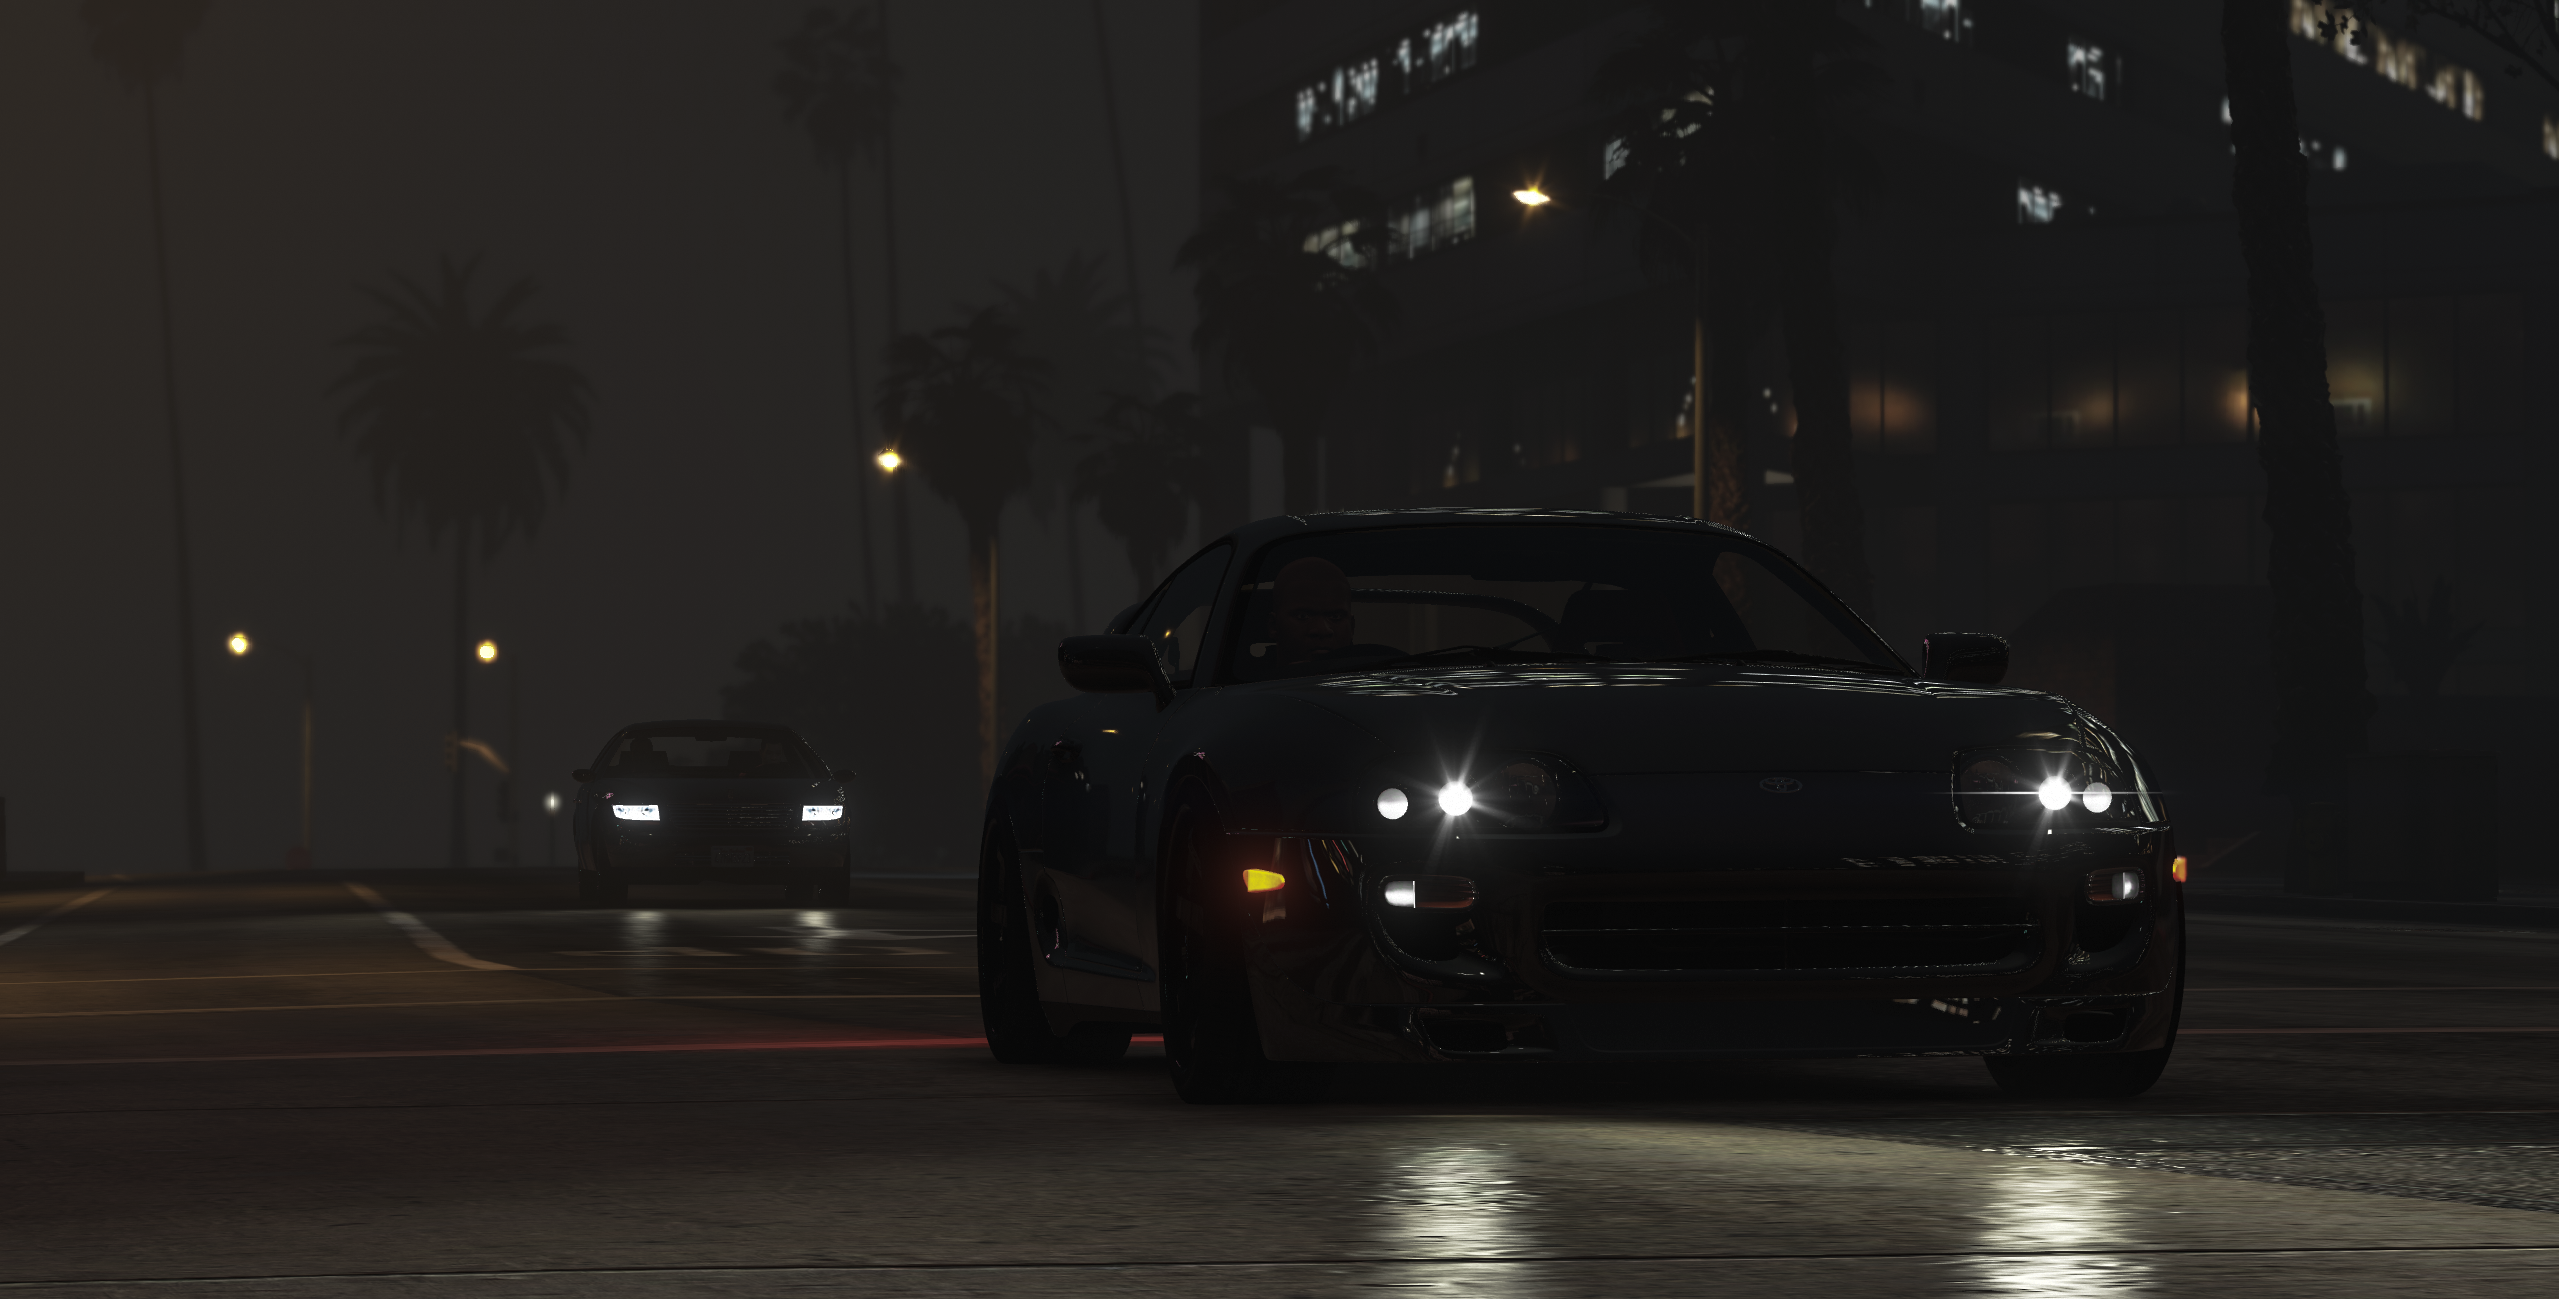 Grand_Theft_Auto_V_Screenshot_2018.03.30